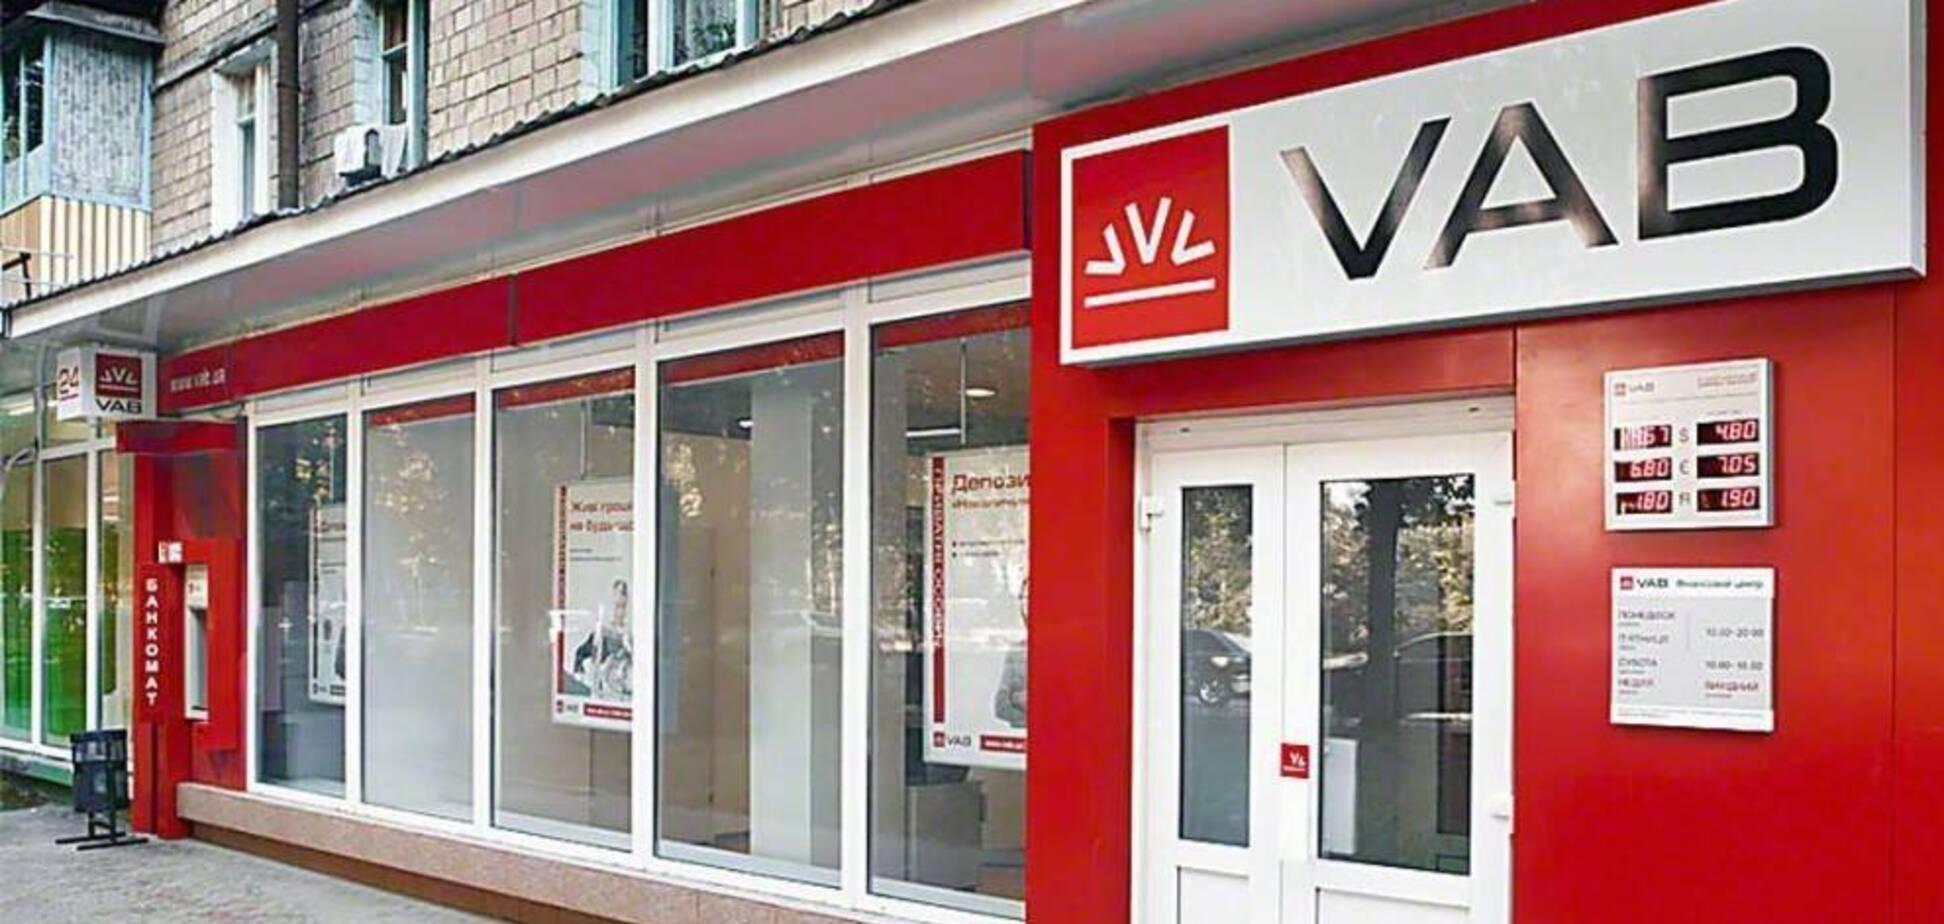 НАБУ и САП не смогли озвучить депутатам основание для дела против VAB банка